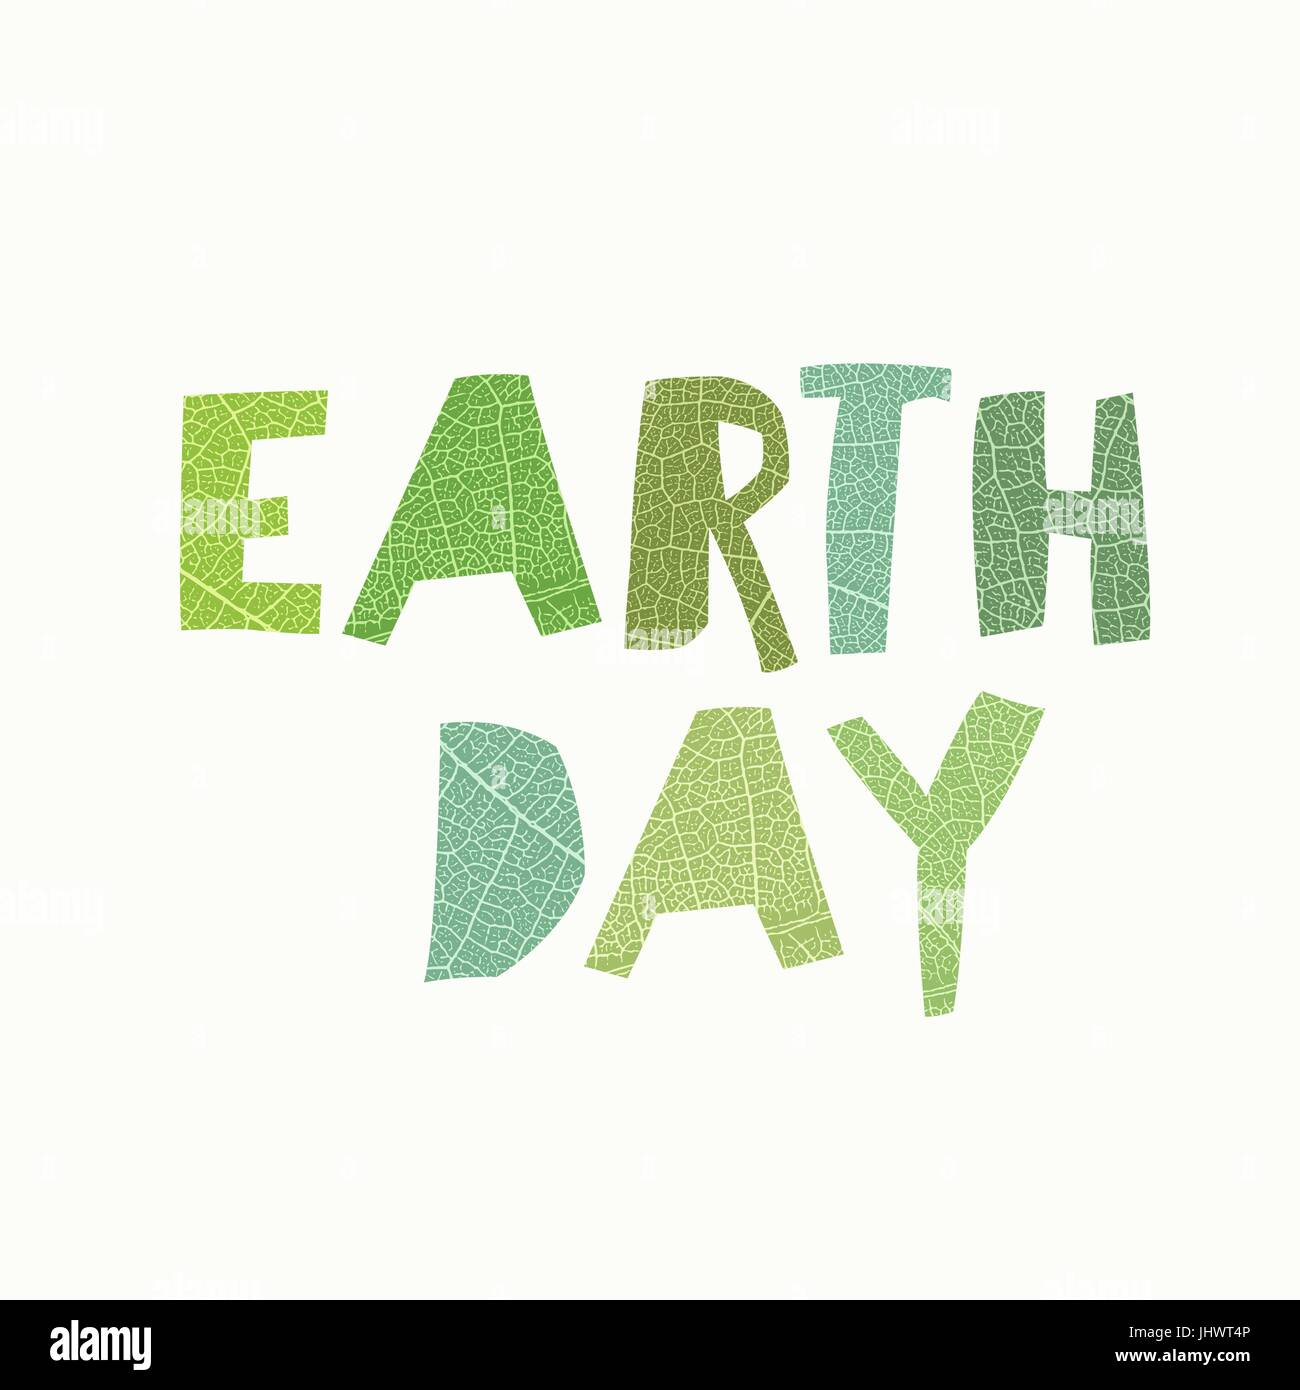 Letters Clip Art - Earth Day Letters {jen hart Clip Art)